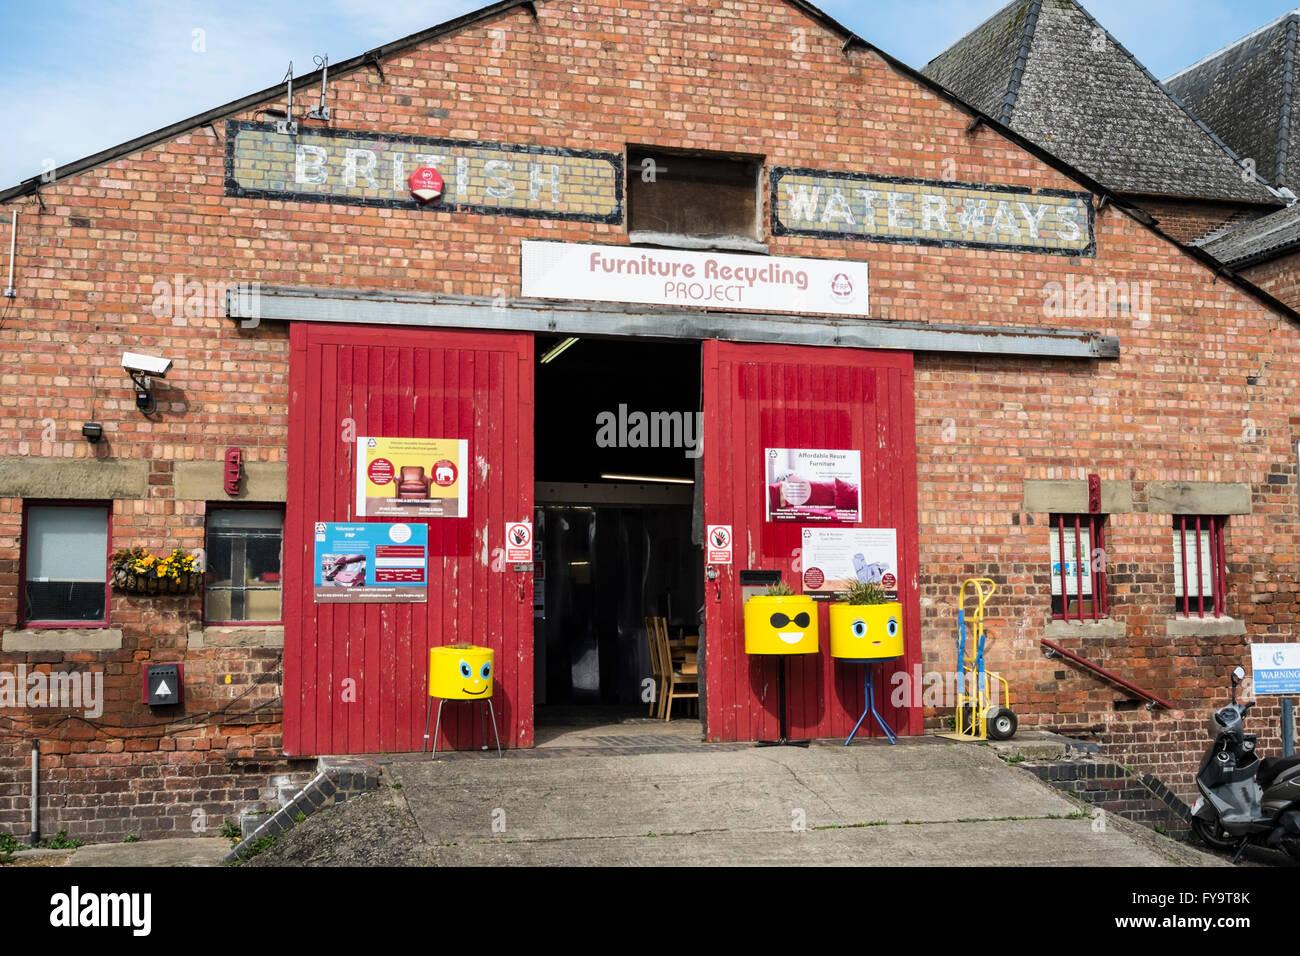 Storico di Gloucester docks Gloucestershire England Regno Unito mobili di riciclaggio progetto Immagini Stock